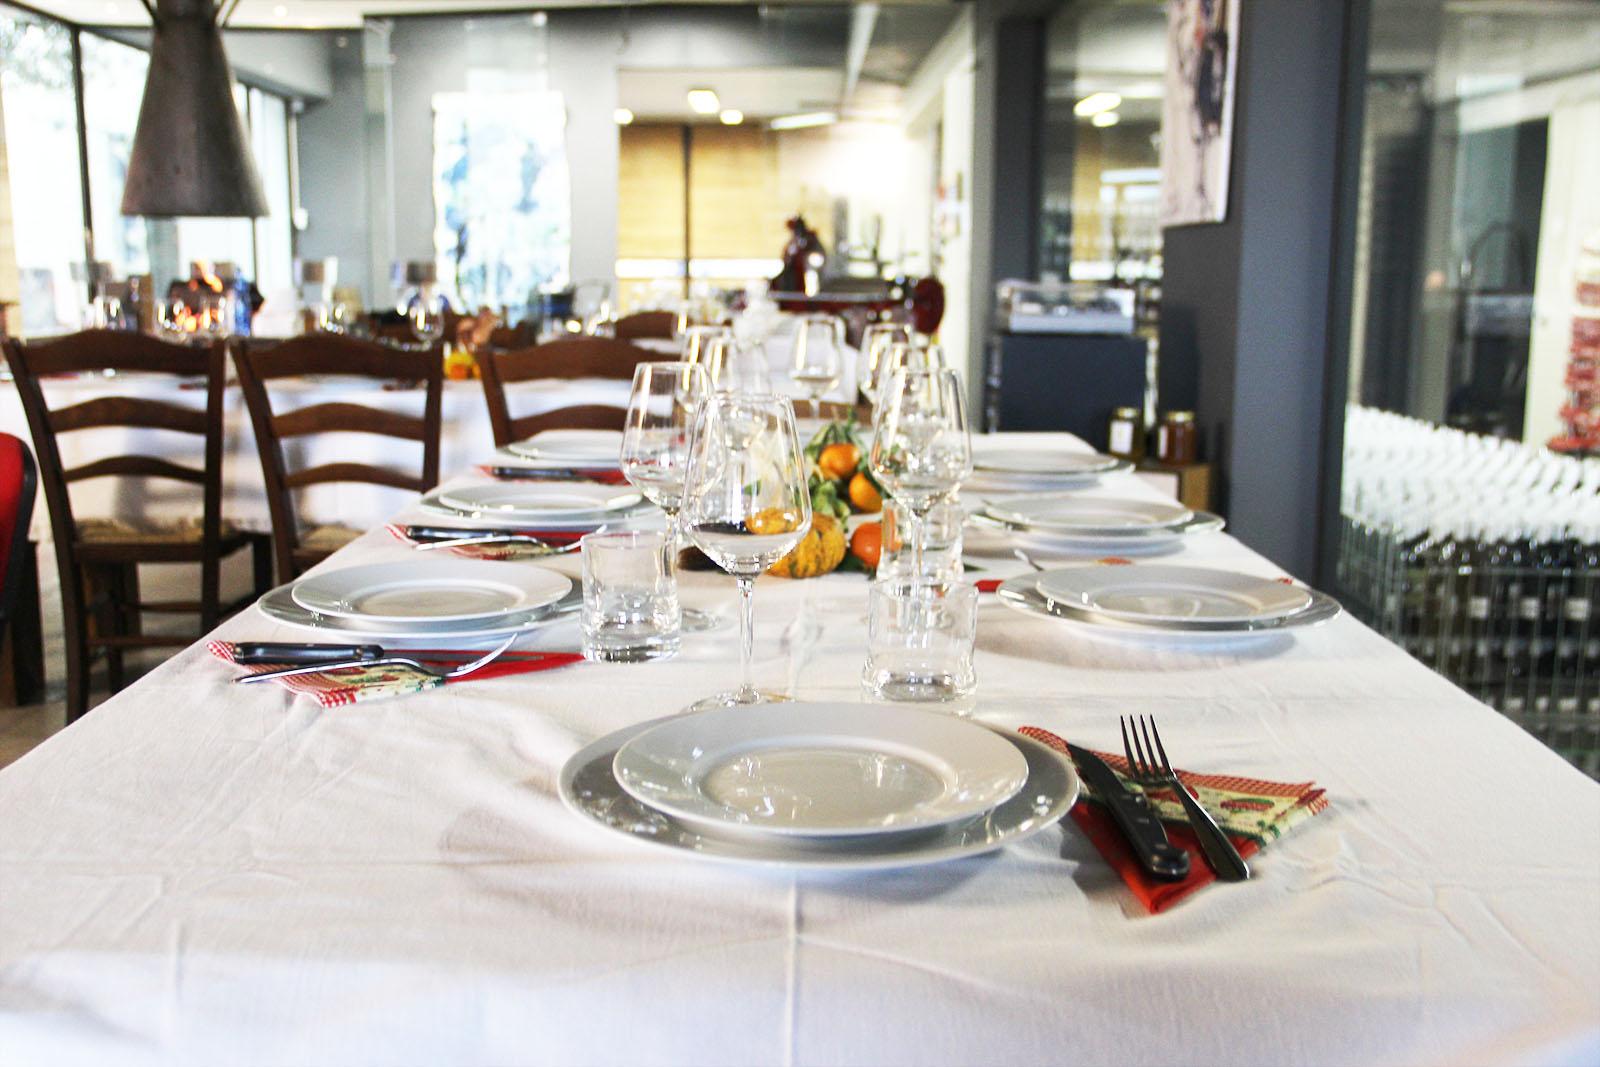 Eventi e feste private nella cantina di Gori Agricola